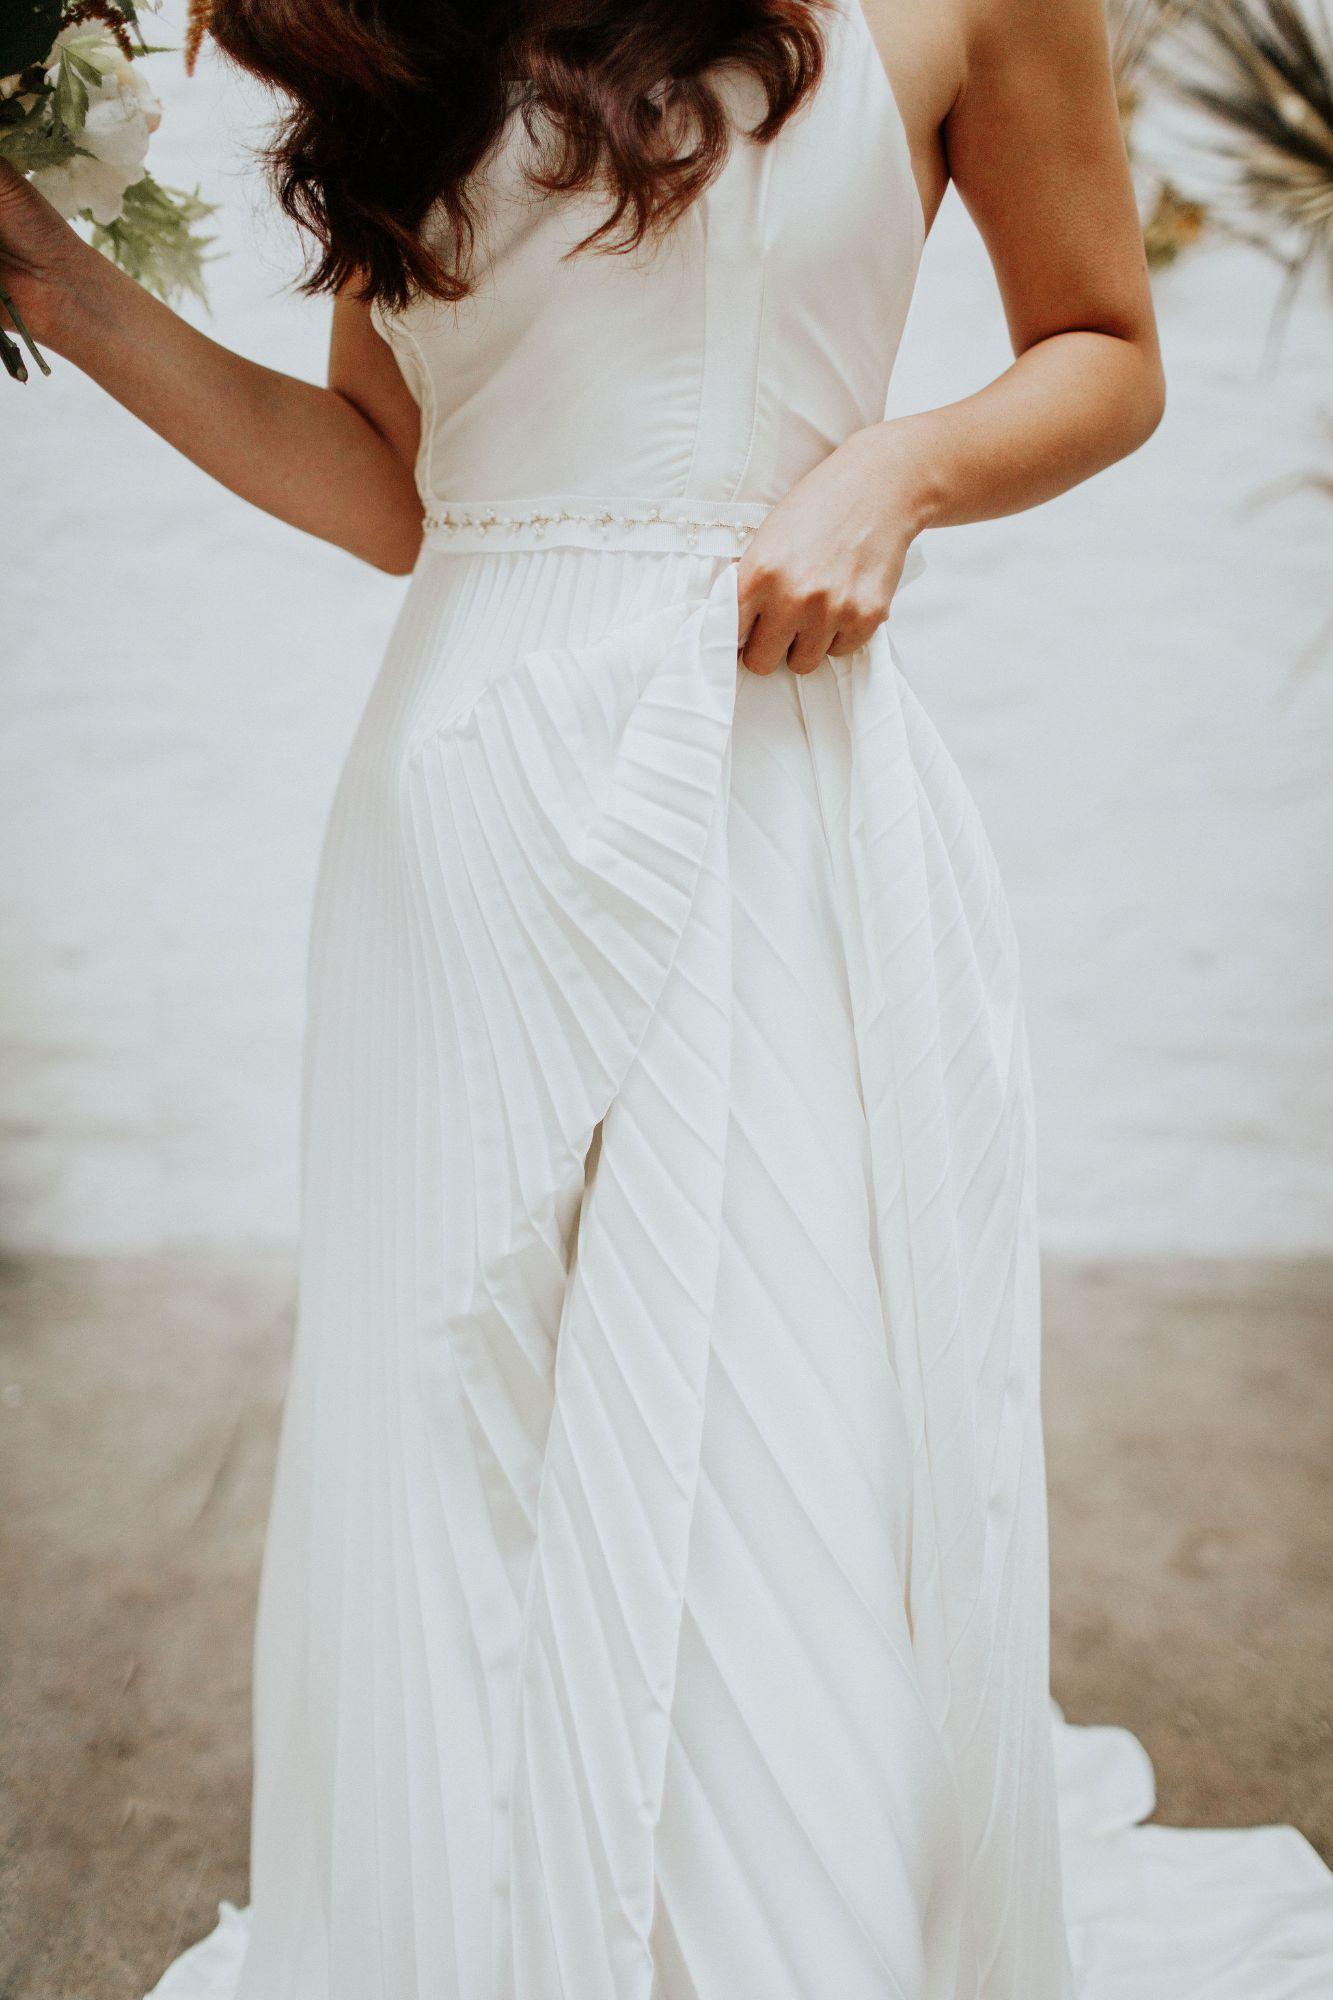 Dress by Rachel Burgess Boutique